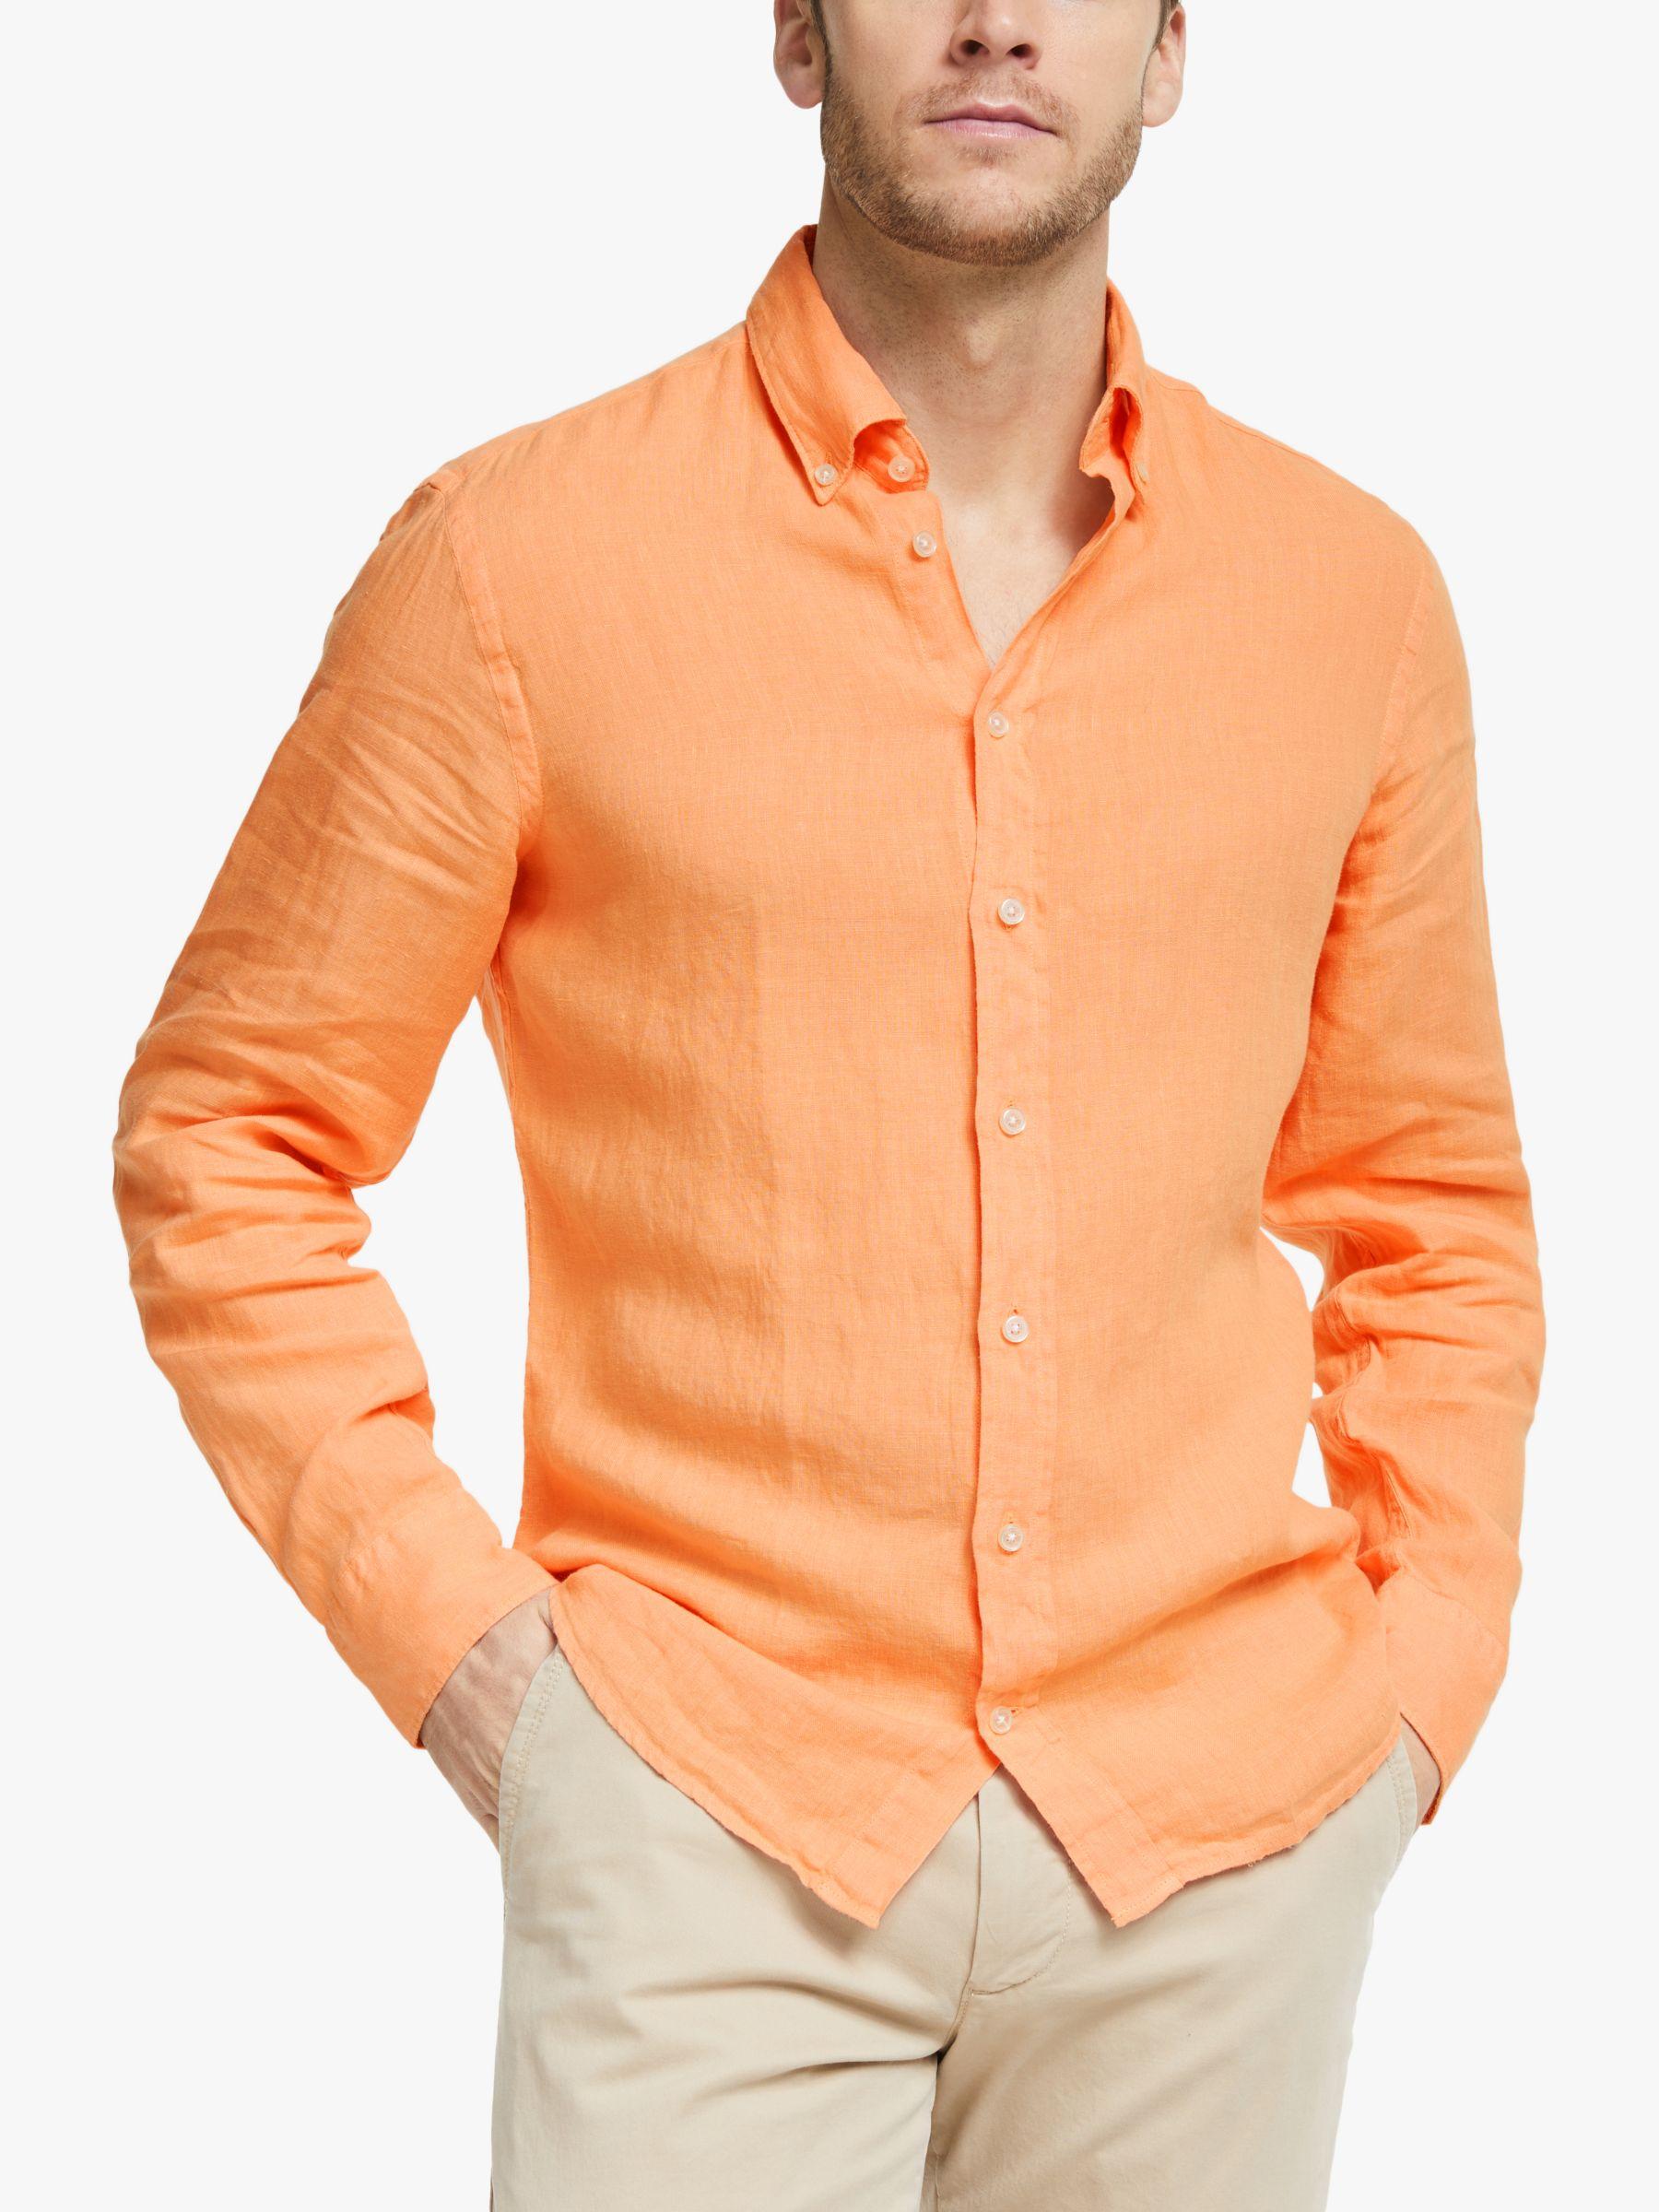 Hackett London Hackett London Garment Dyed Linen Shirt